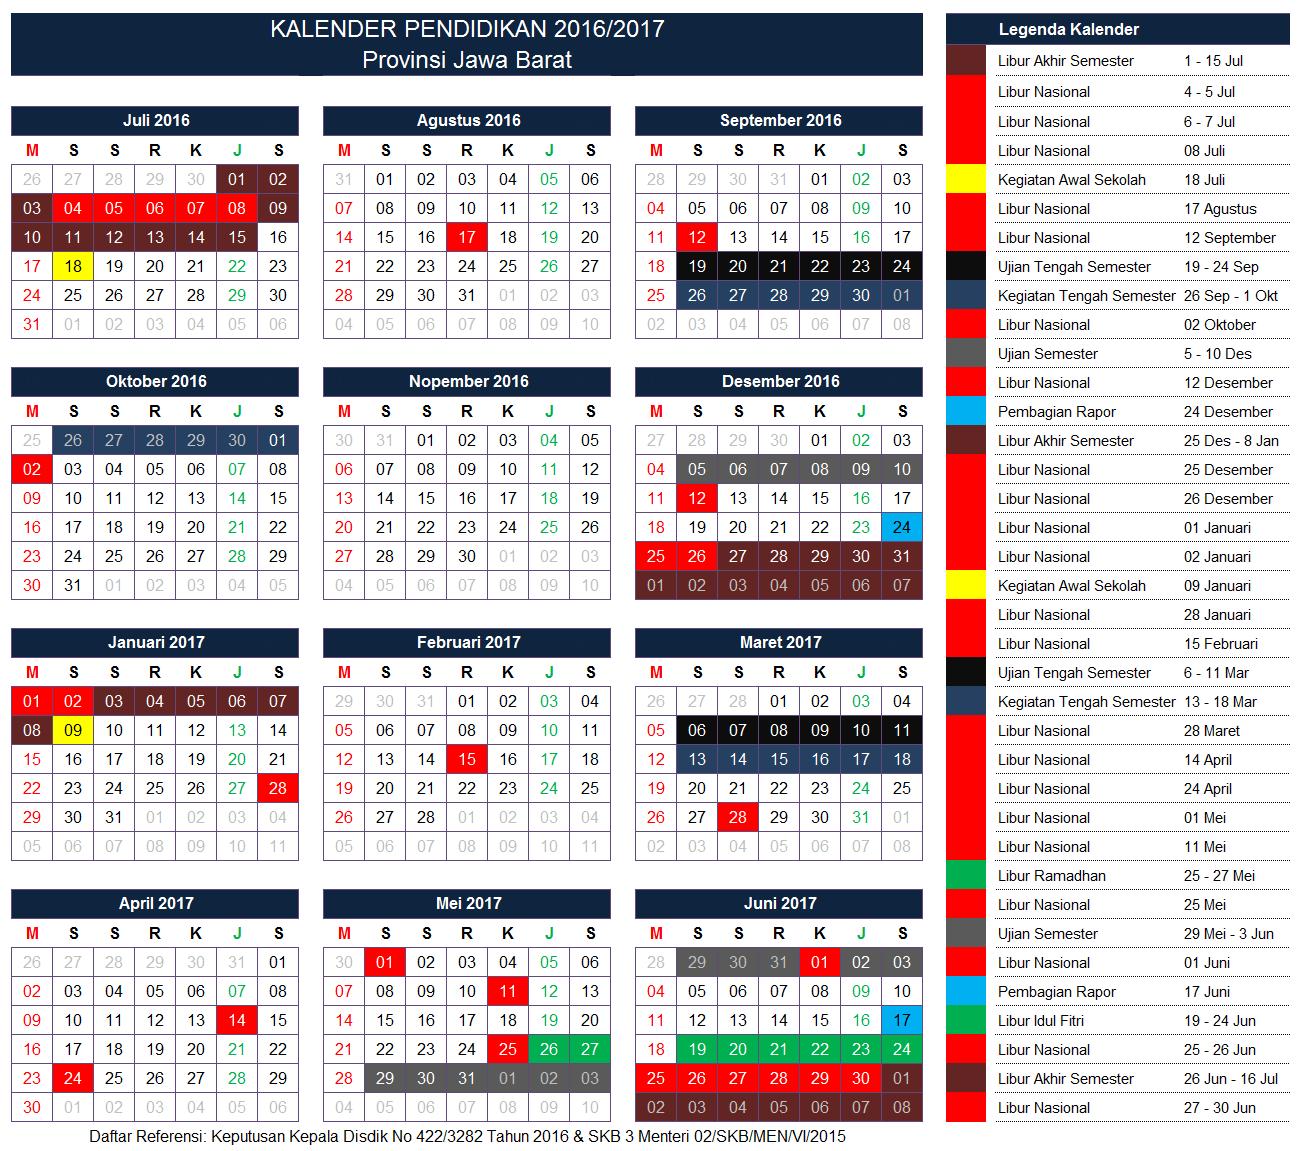 Kalender Pendidikan Provinsi Jawa Barat